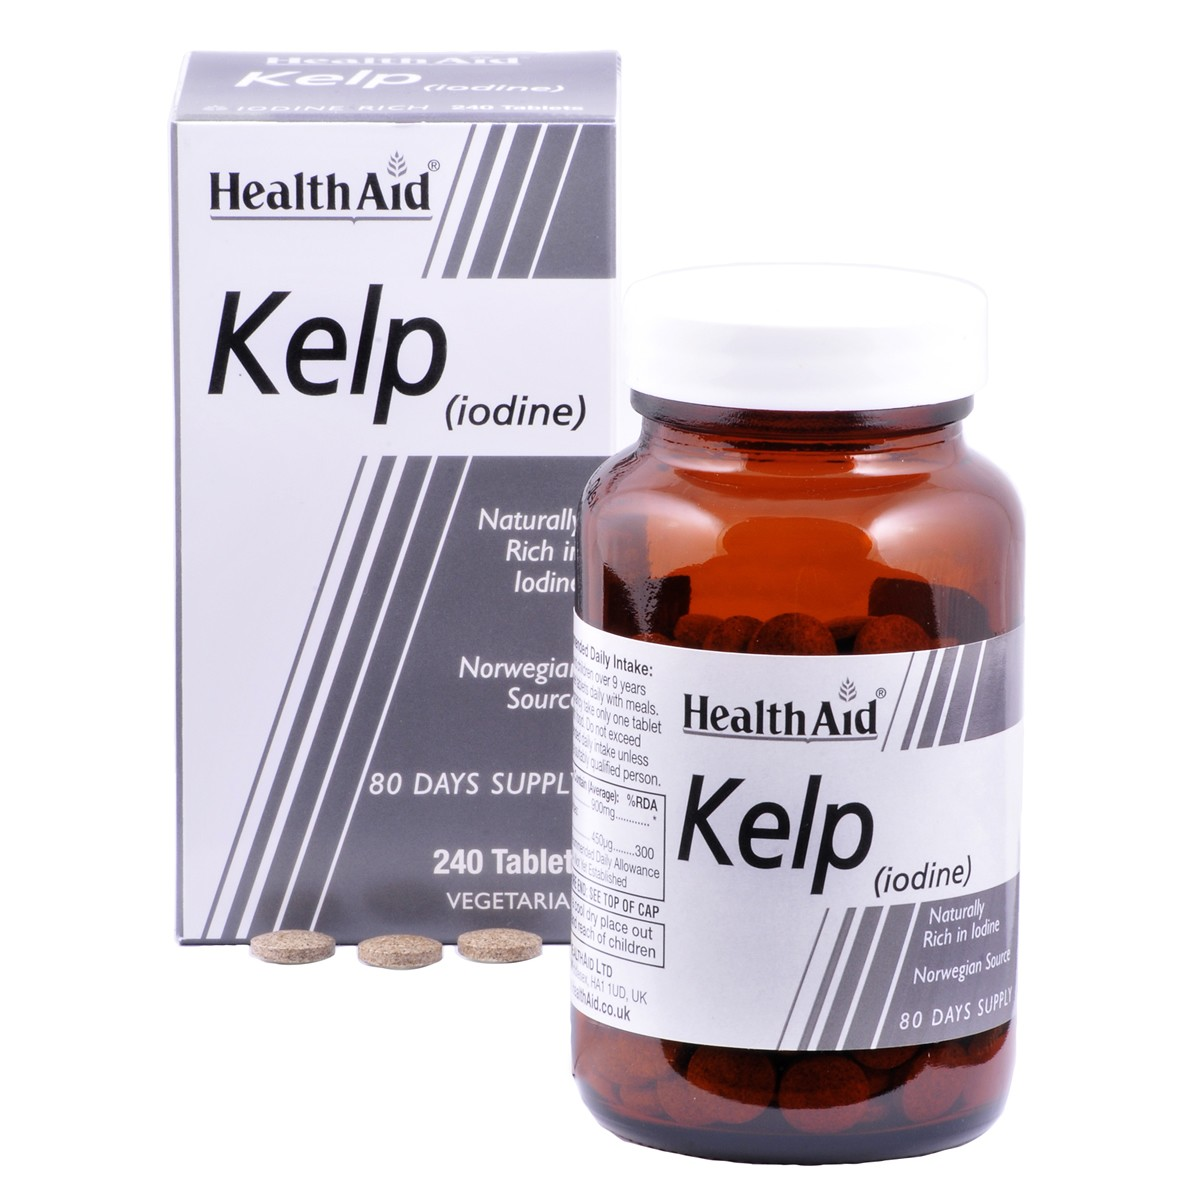 HealthAid Kelp (Iodine)